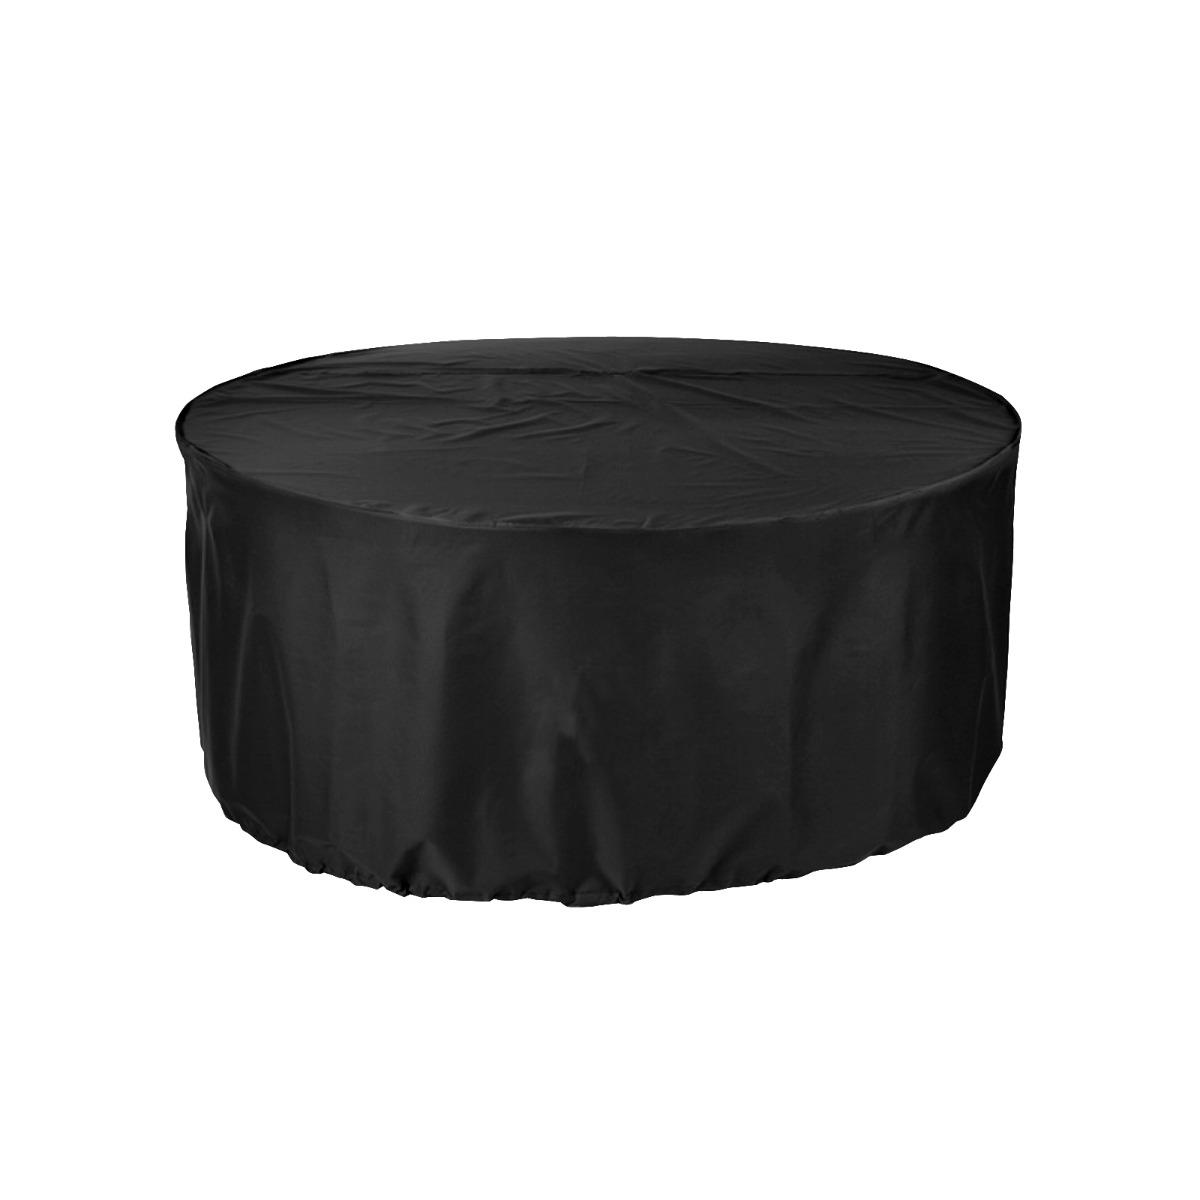 Black Premium 6-8 Seater Extra Large Circular Patio Set Cover